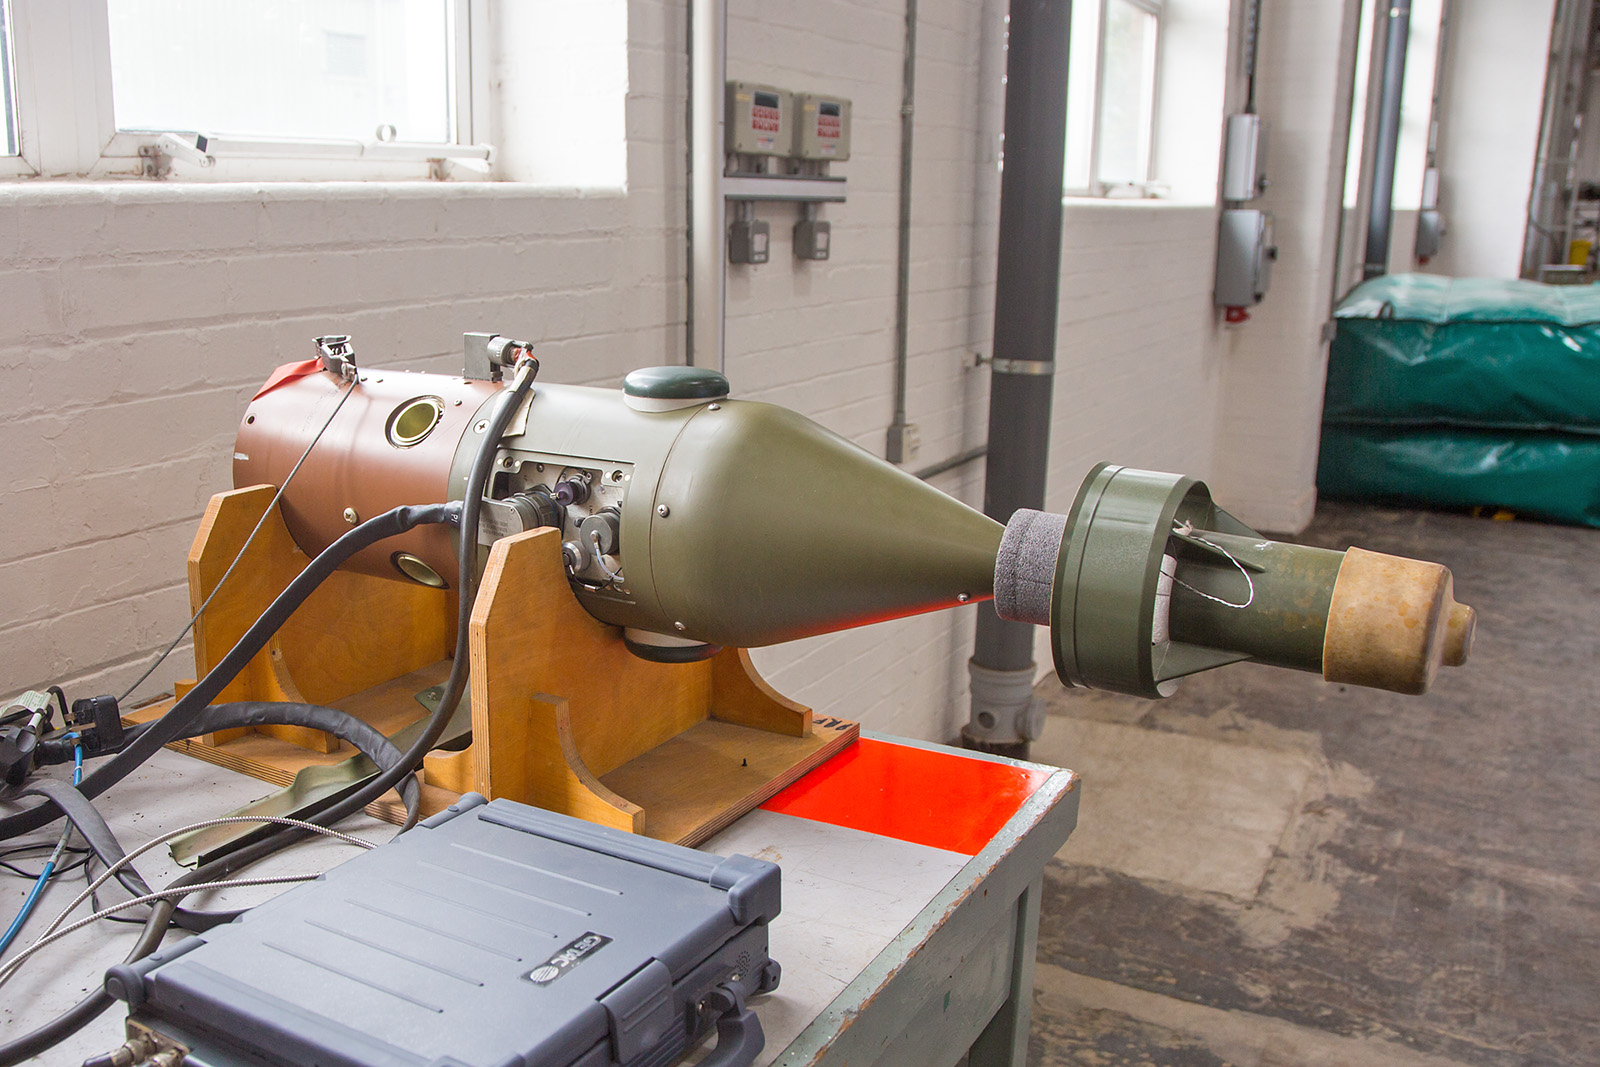 Übungskopf einer GPS- bzw. lasergelenkten Bombe